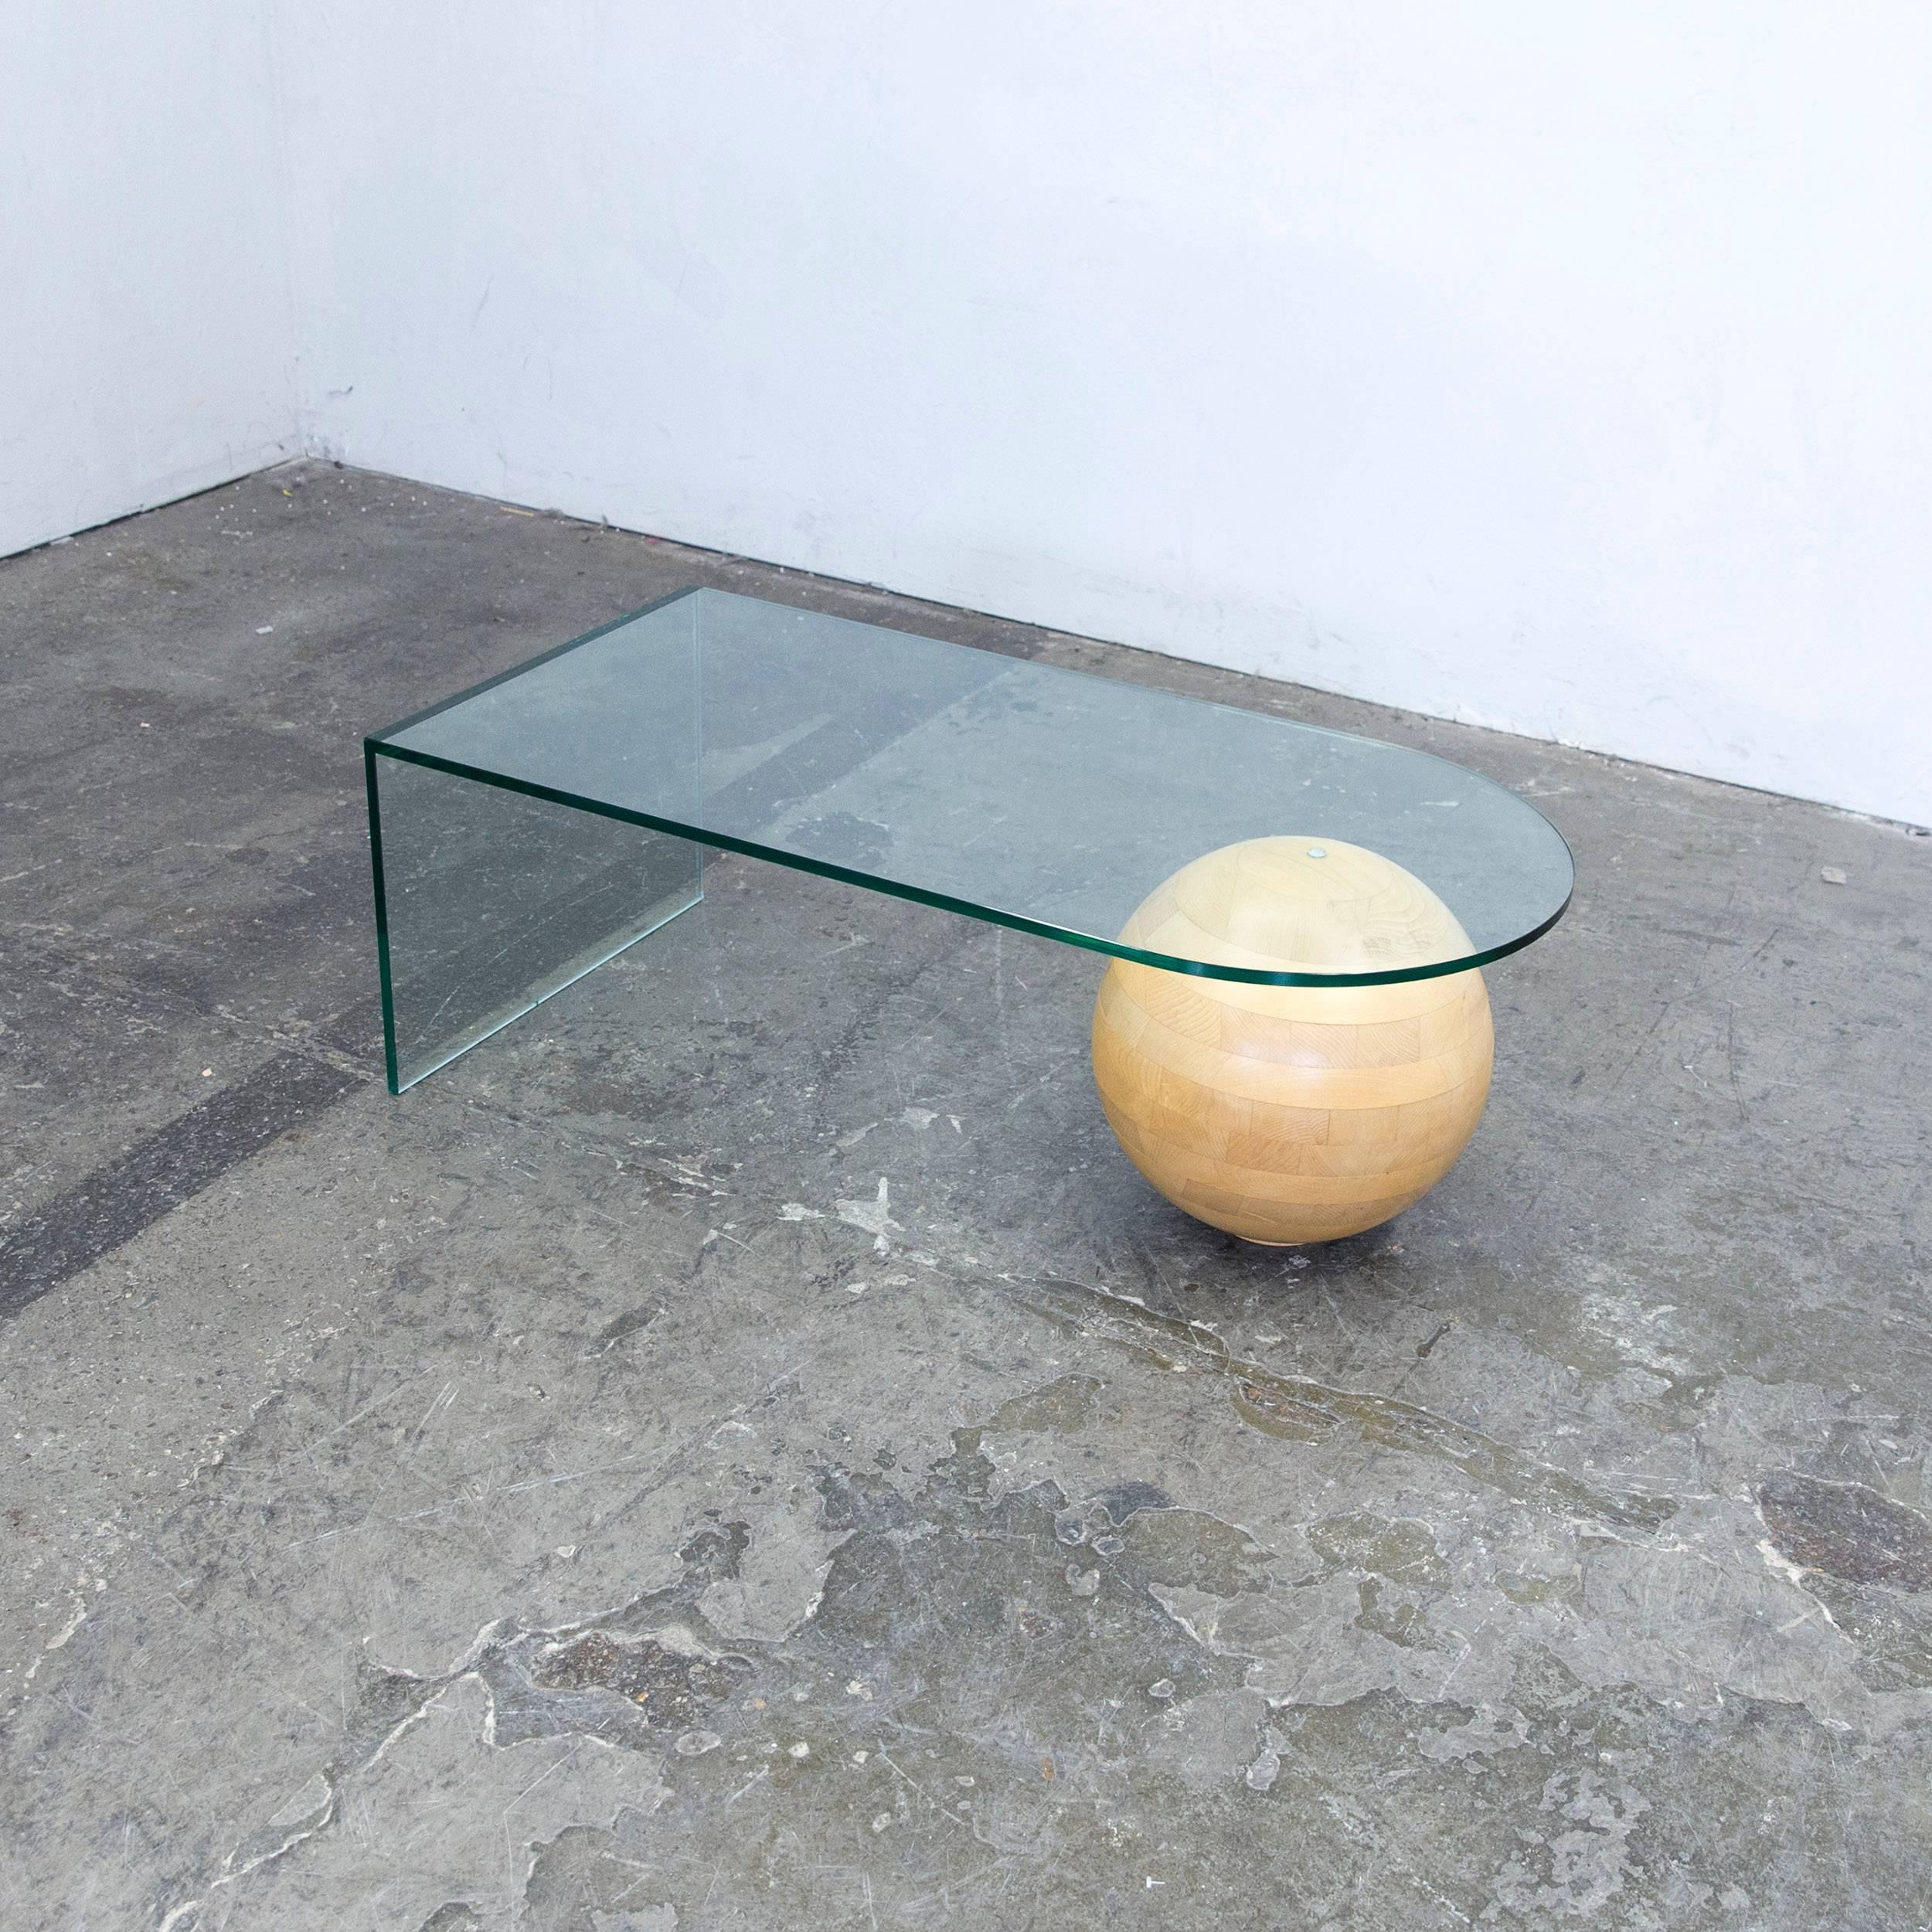 designer tisch glas amazing with designer tisch glas cheap amazon glastisch esszimmer und. Black Bedroom Furniture Sets. Home Design Ideas